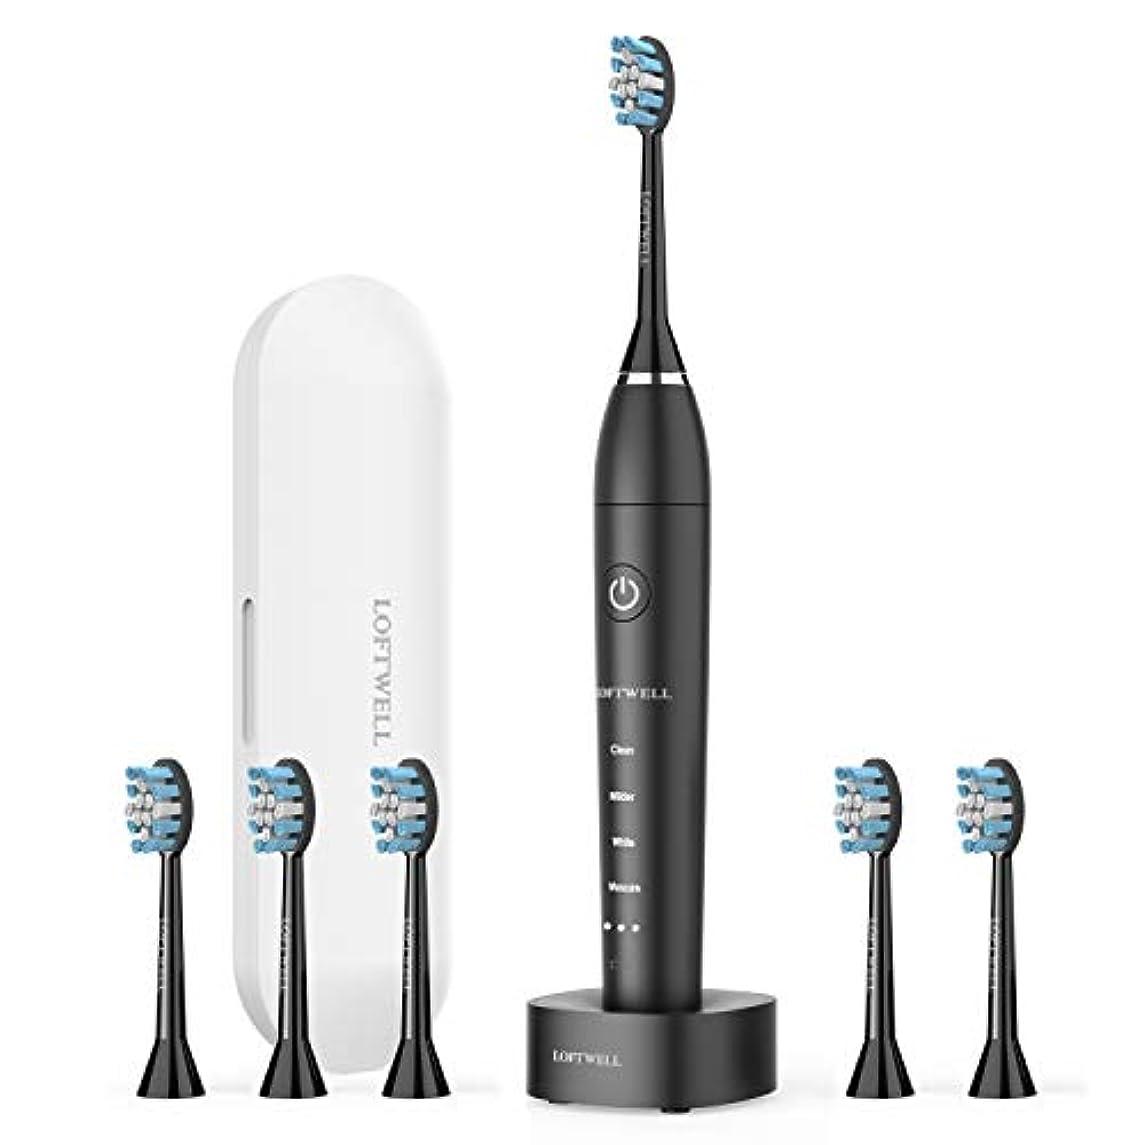 可動式キャンドル私達電動歯ブラシ USB充電式 LOFTWELL 音波歯ブラシ 4モード 超音波 歯ブラシ 2分間オートタイマー機能搭載 フル充電20日使え IPX7防水 替えブラシ6本付き (D5-電動歯ブラシ)